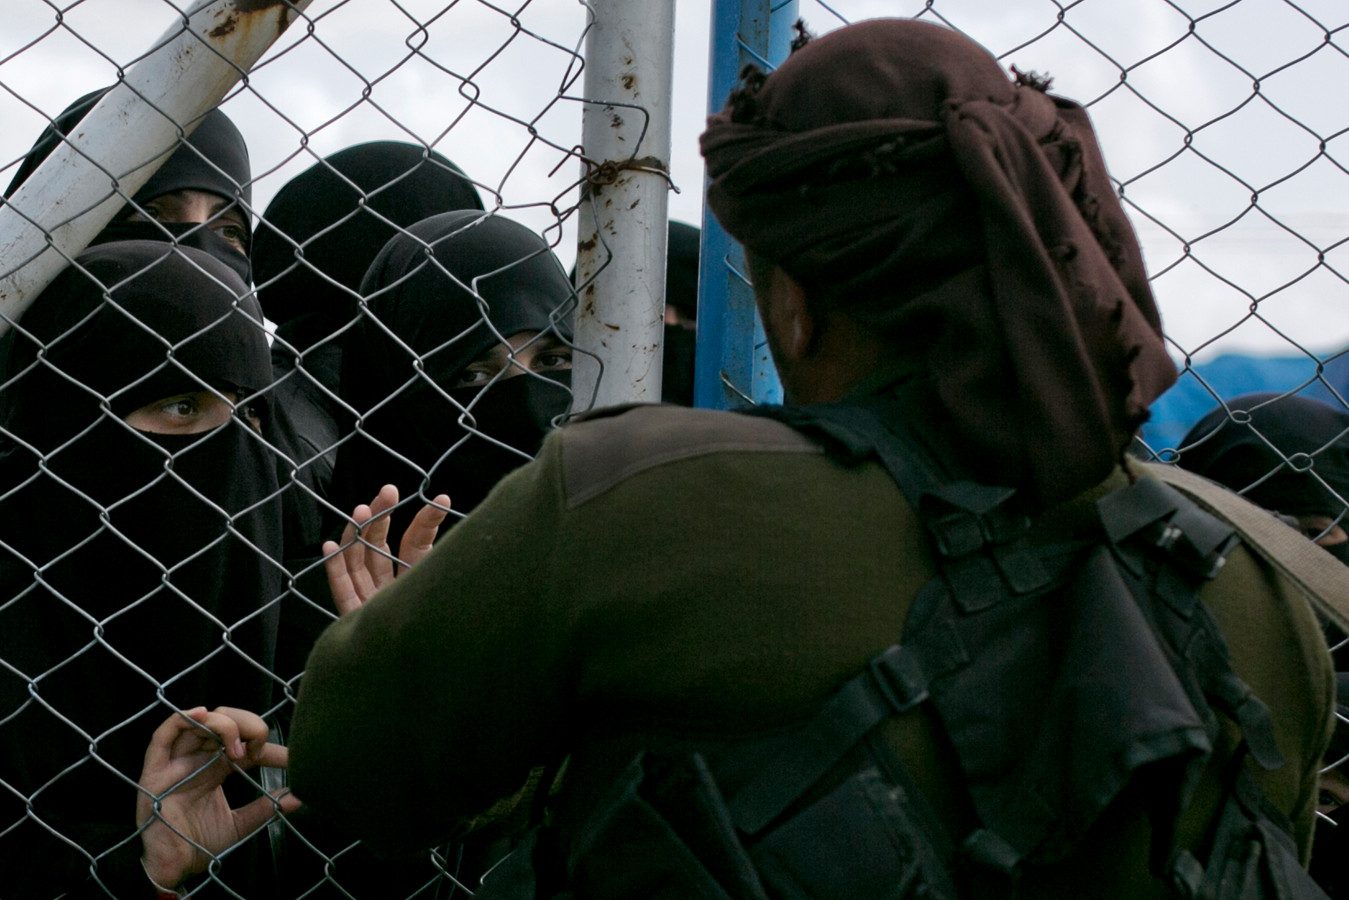 In het tumult van de Turkse bombardementen ontsnapten honderden mensen uit een Syrisch kamp in de plaats Ain Issa.